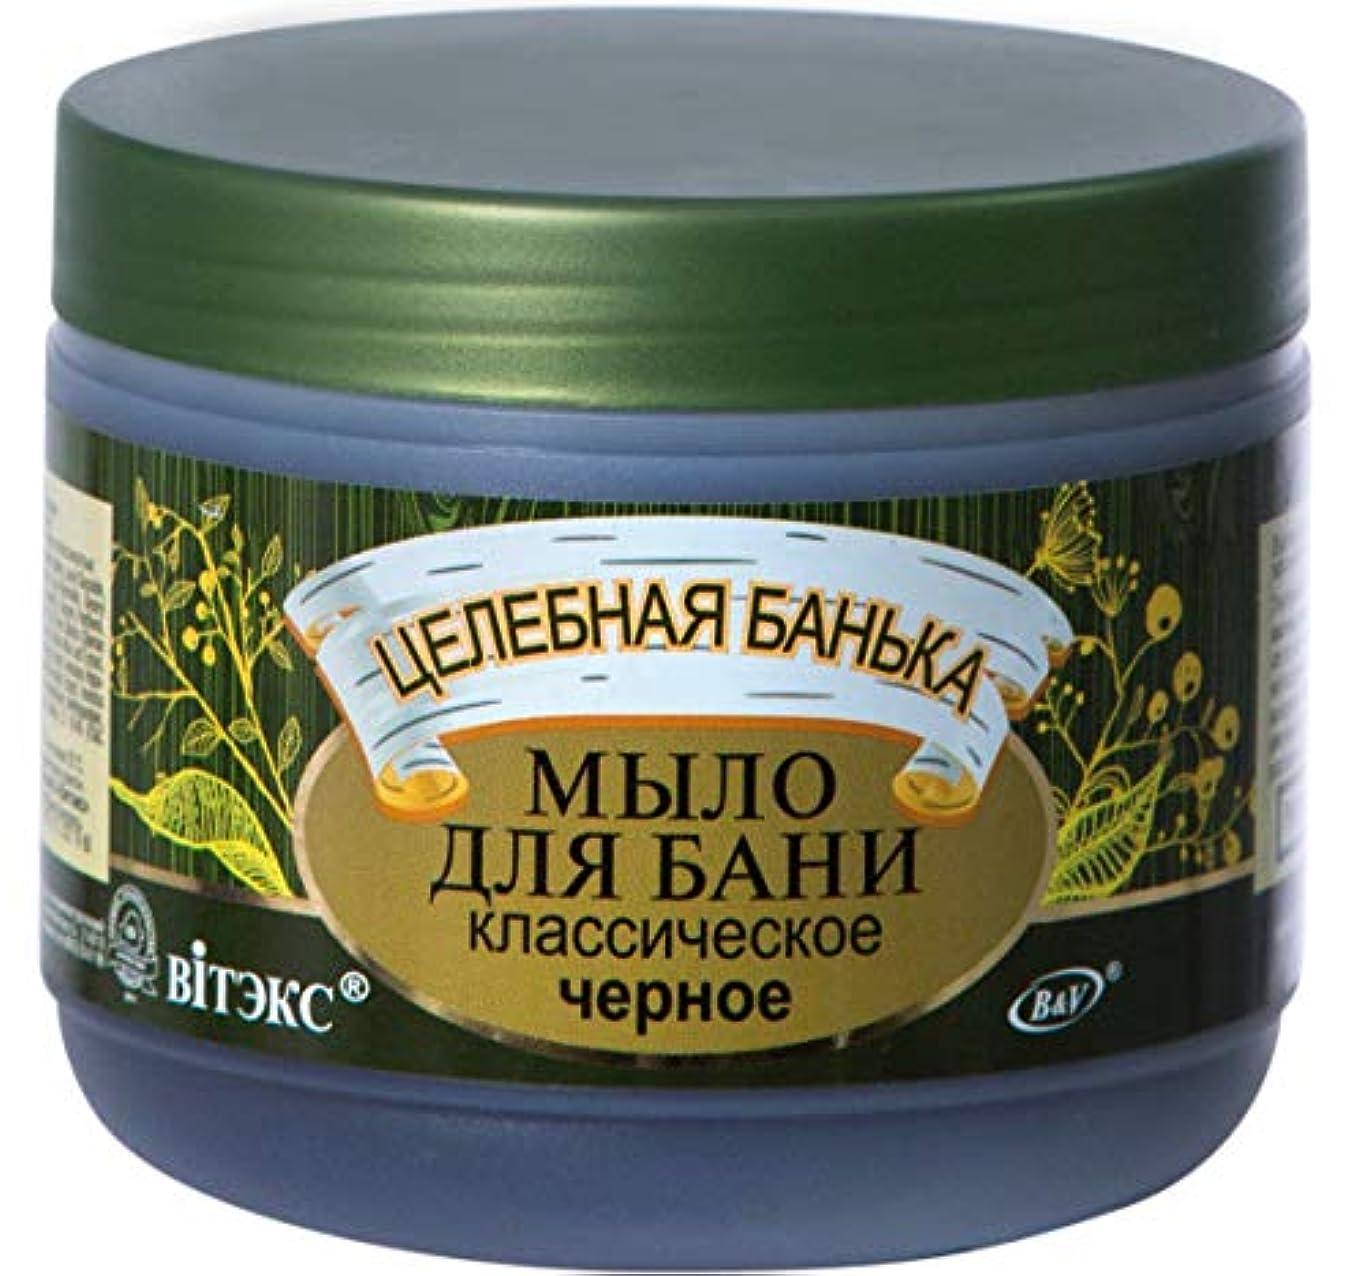 水平アプトグリーンバックBIELITA & VITEX | Healing Bath | Classic Black Soap with 7 Natural Extracts